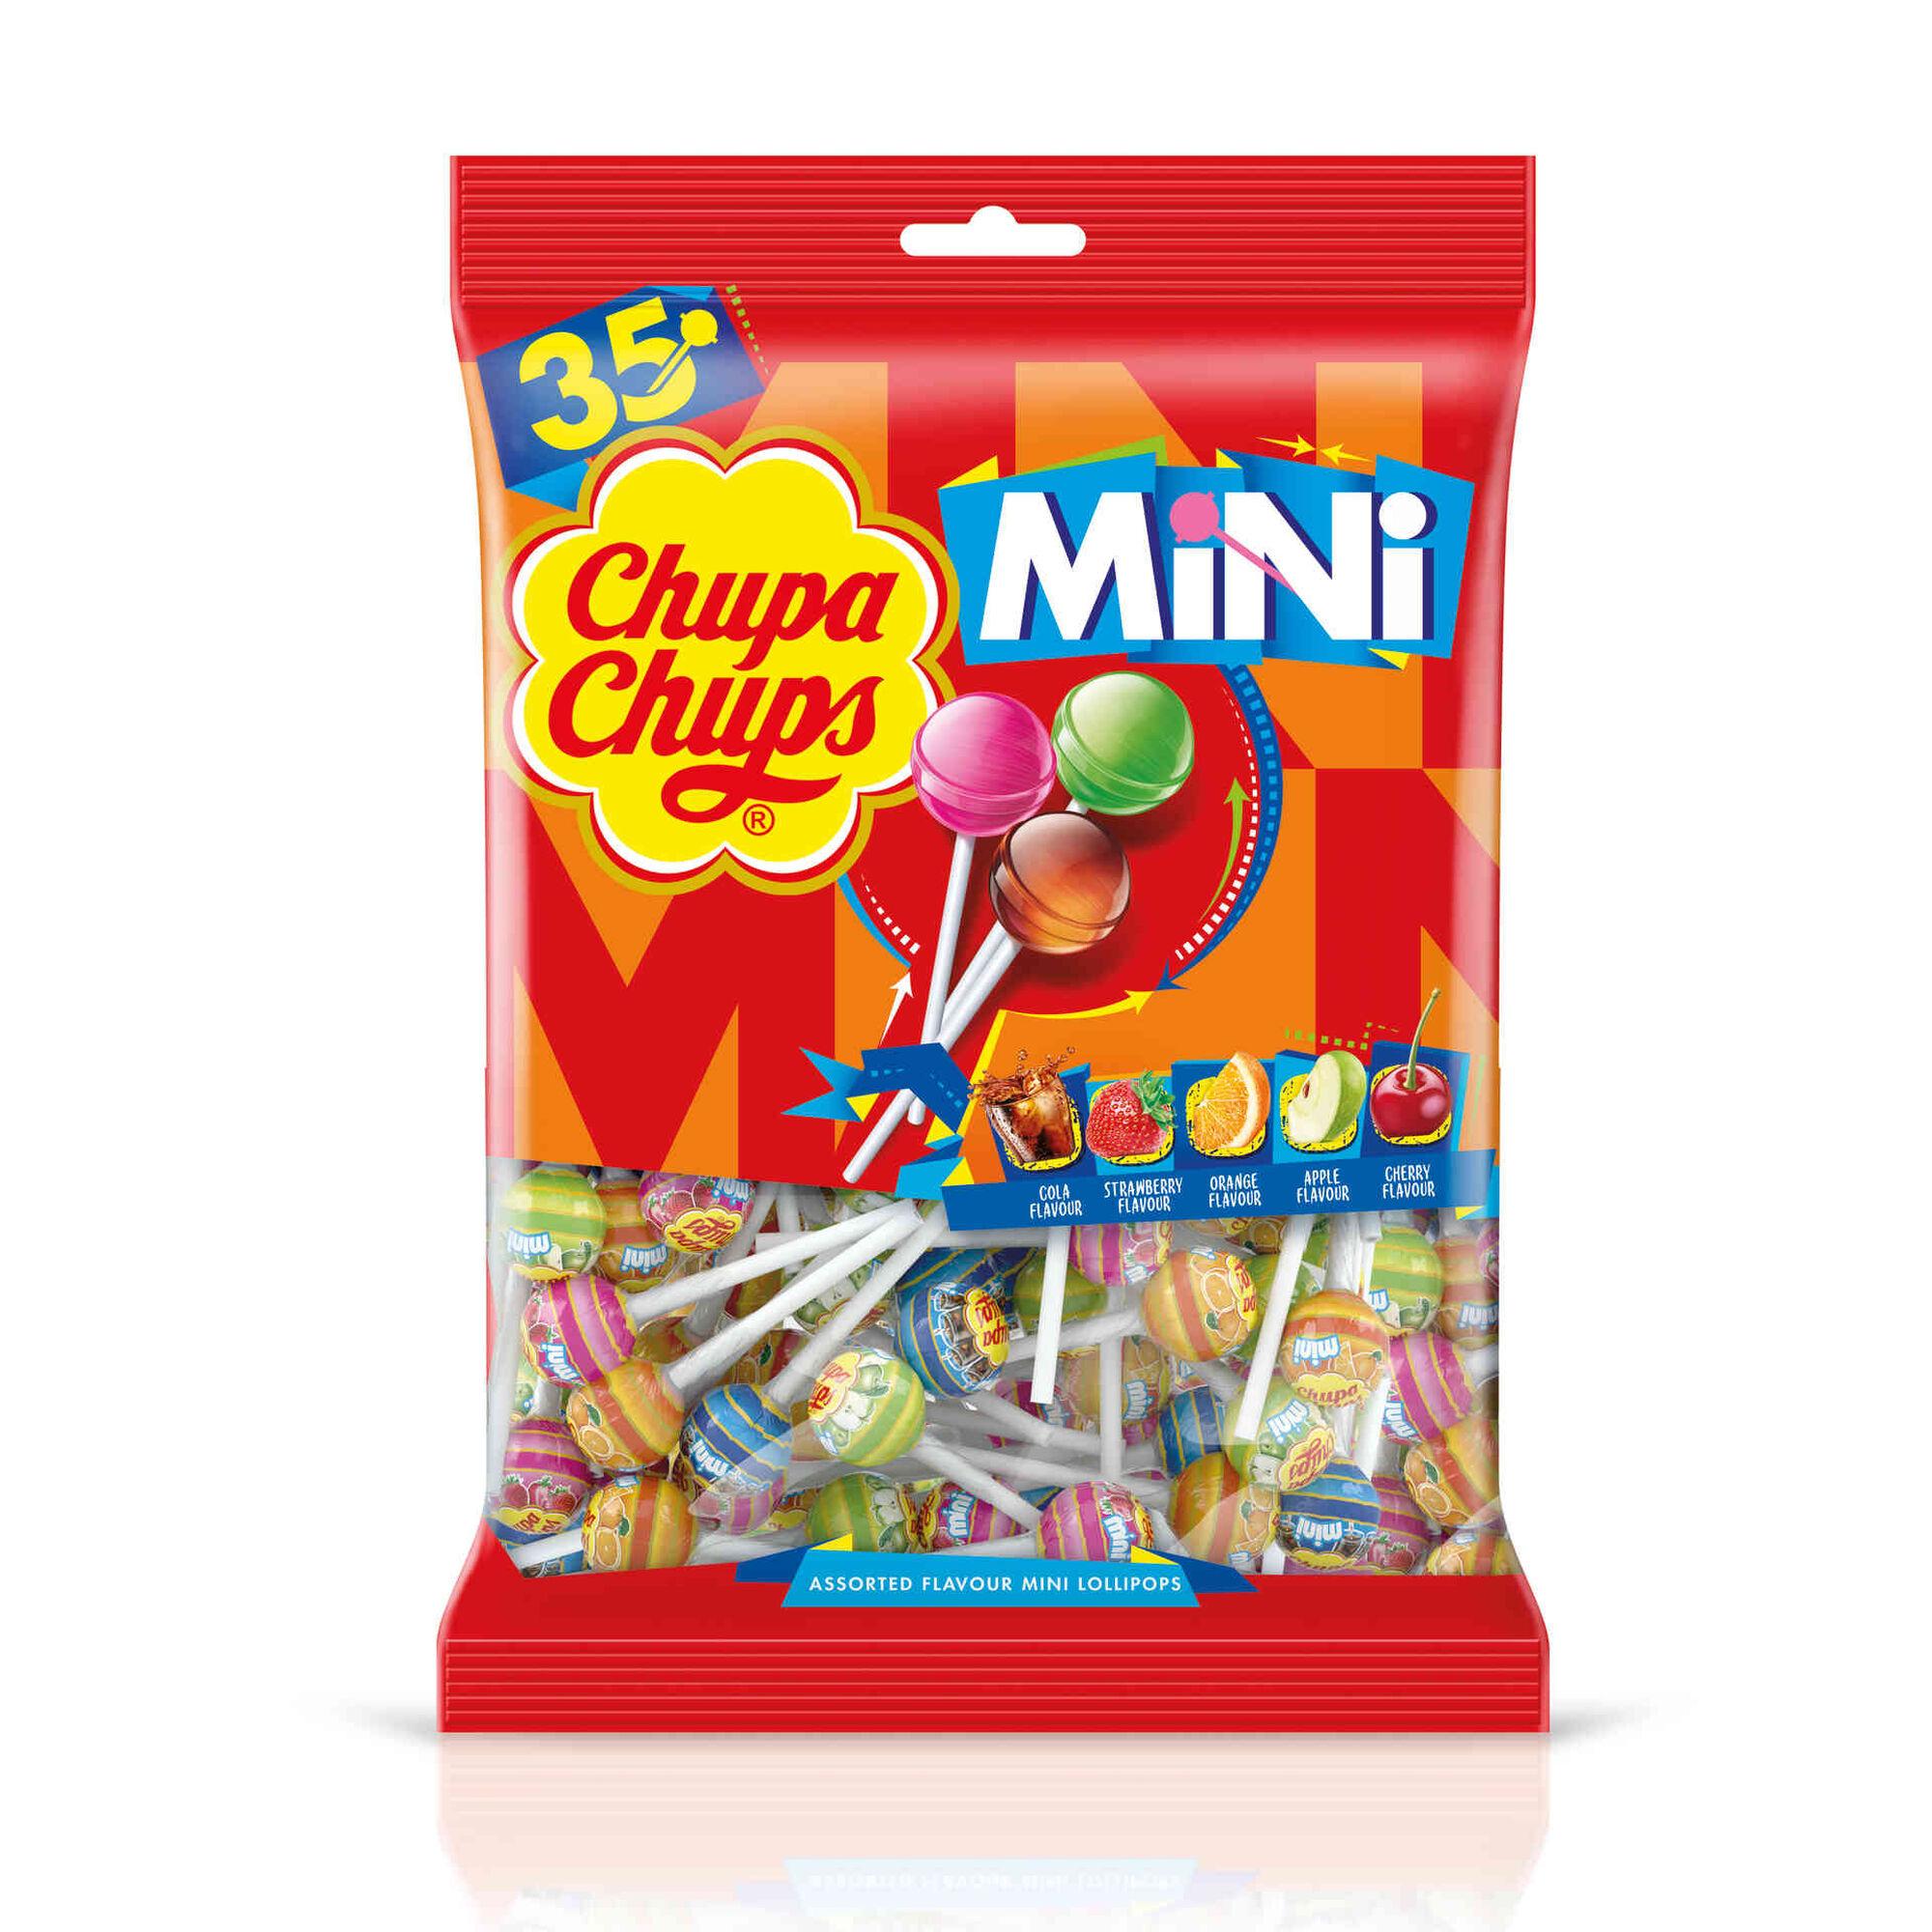 Chupas Mini